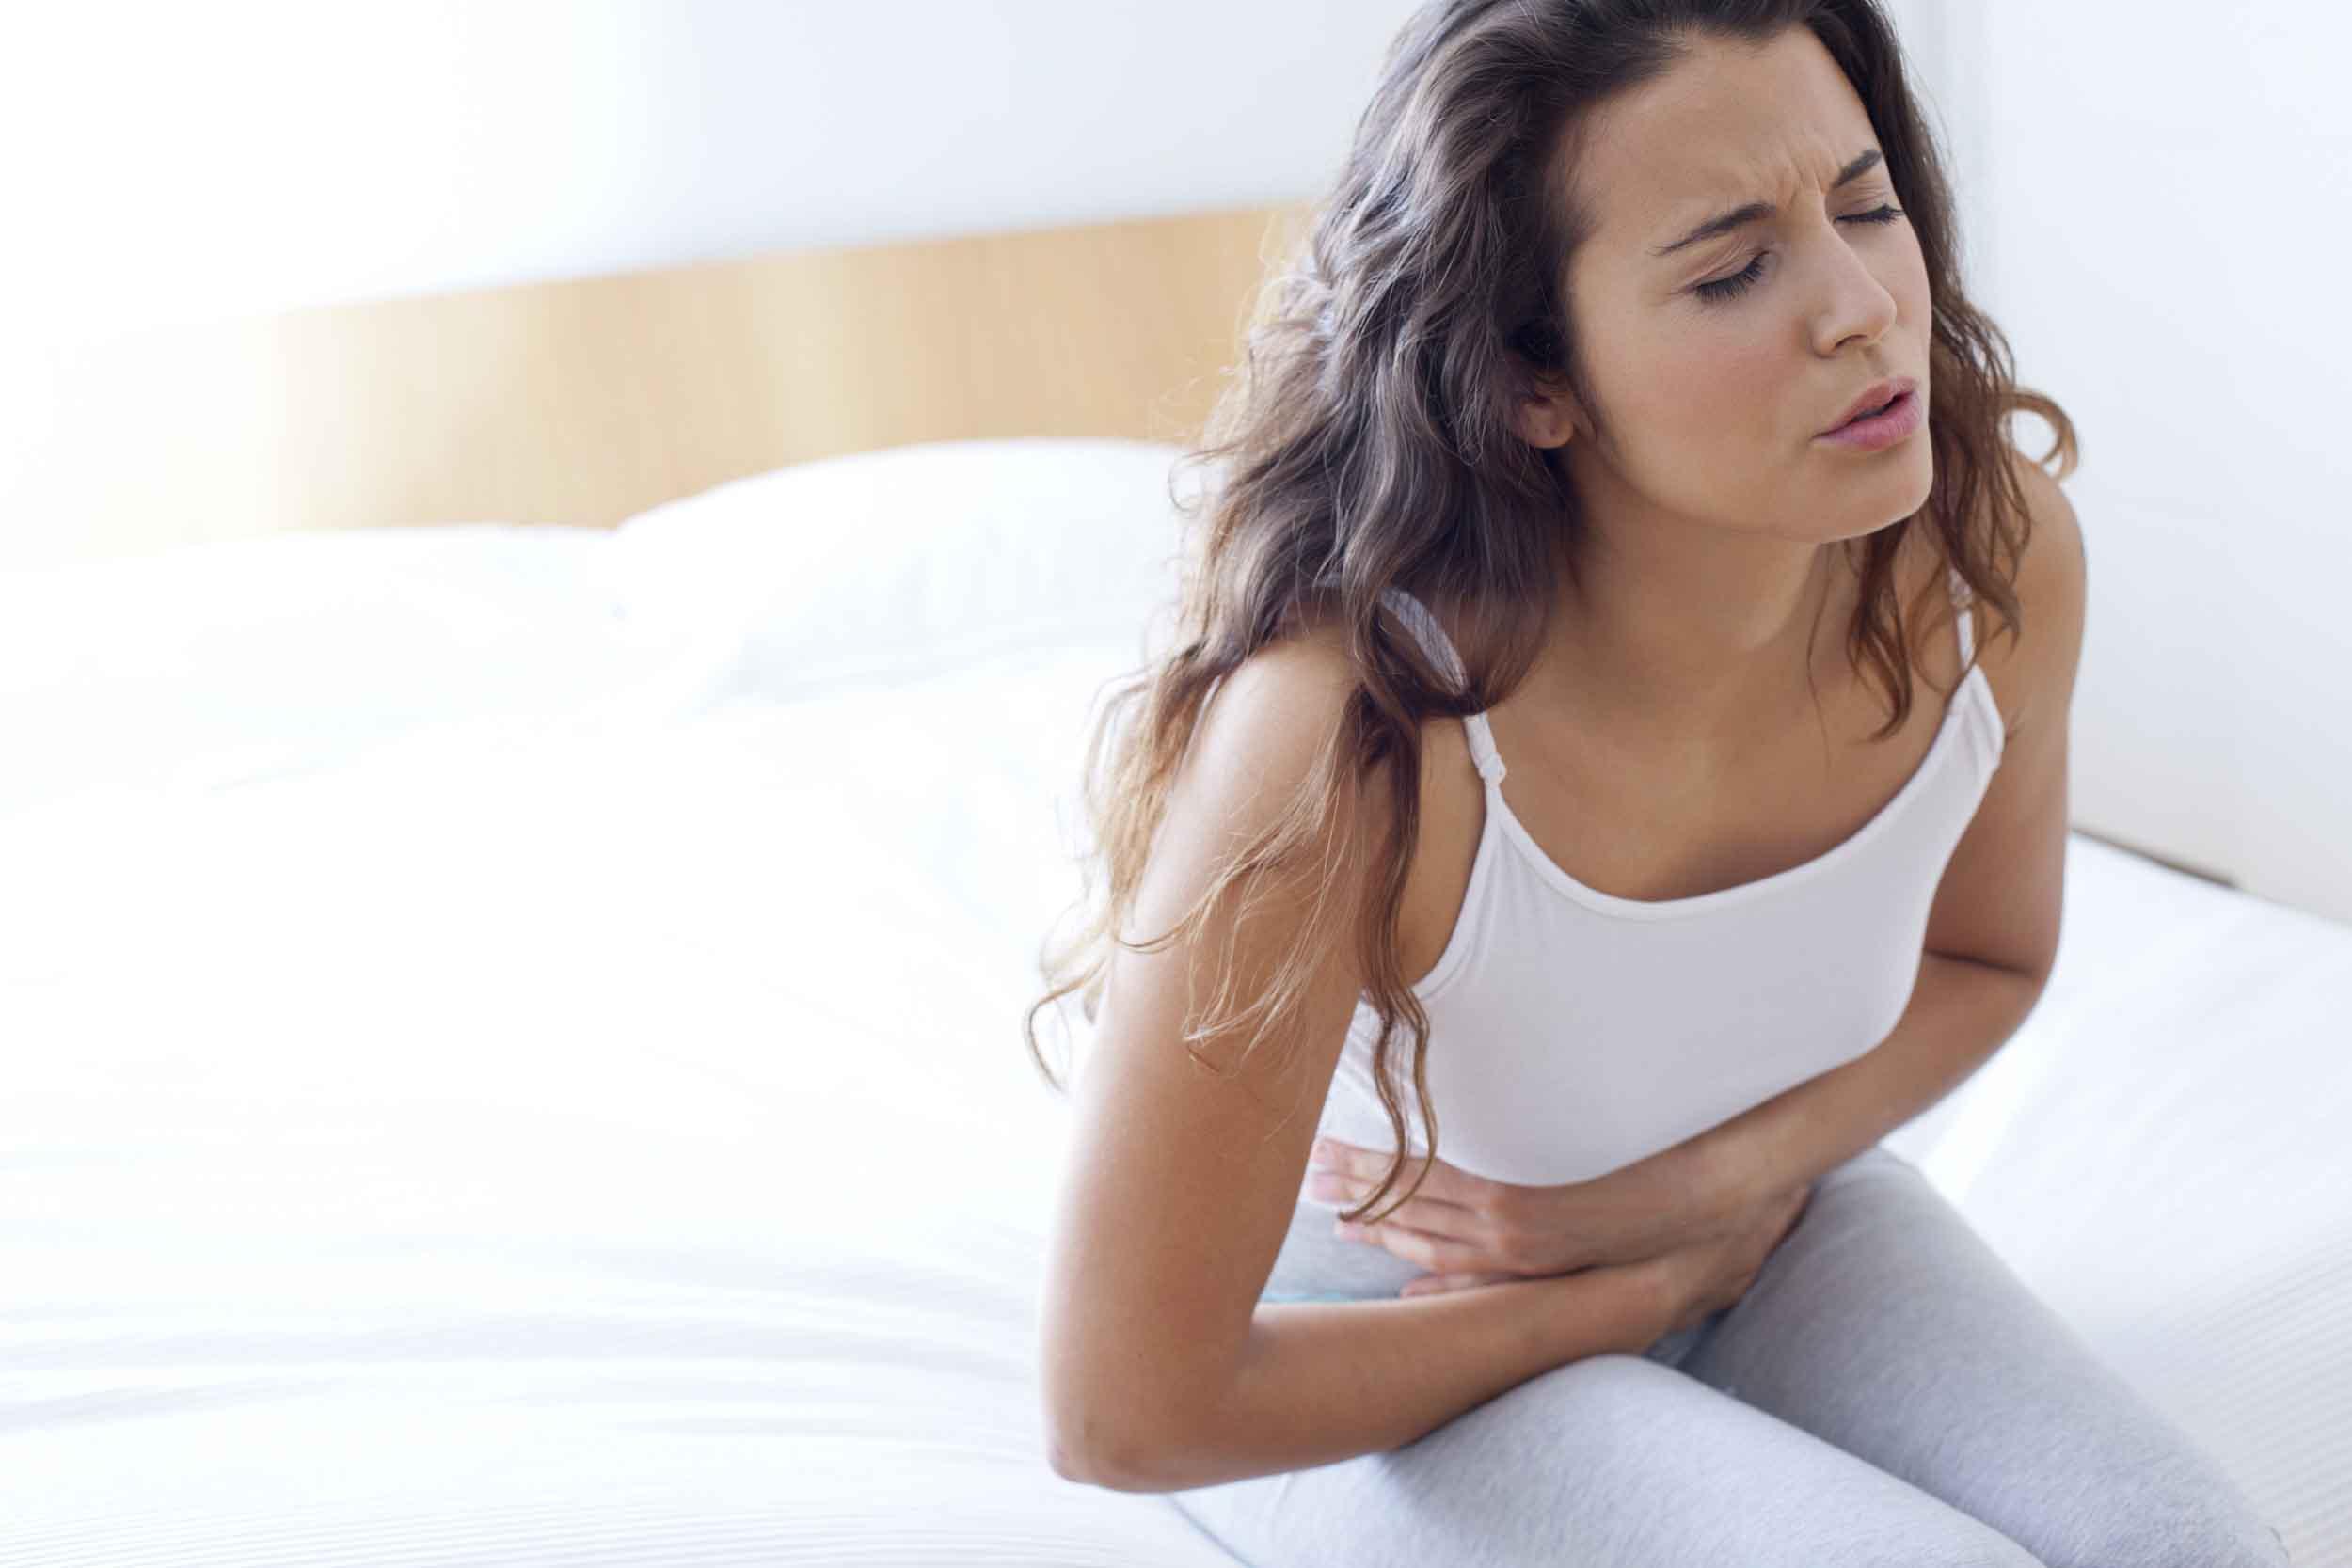 怀孕一个月肚子右边疼_怀孕6个月肚子右边疼是怎么回事_怀孕一个月肚子右边疼